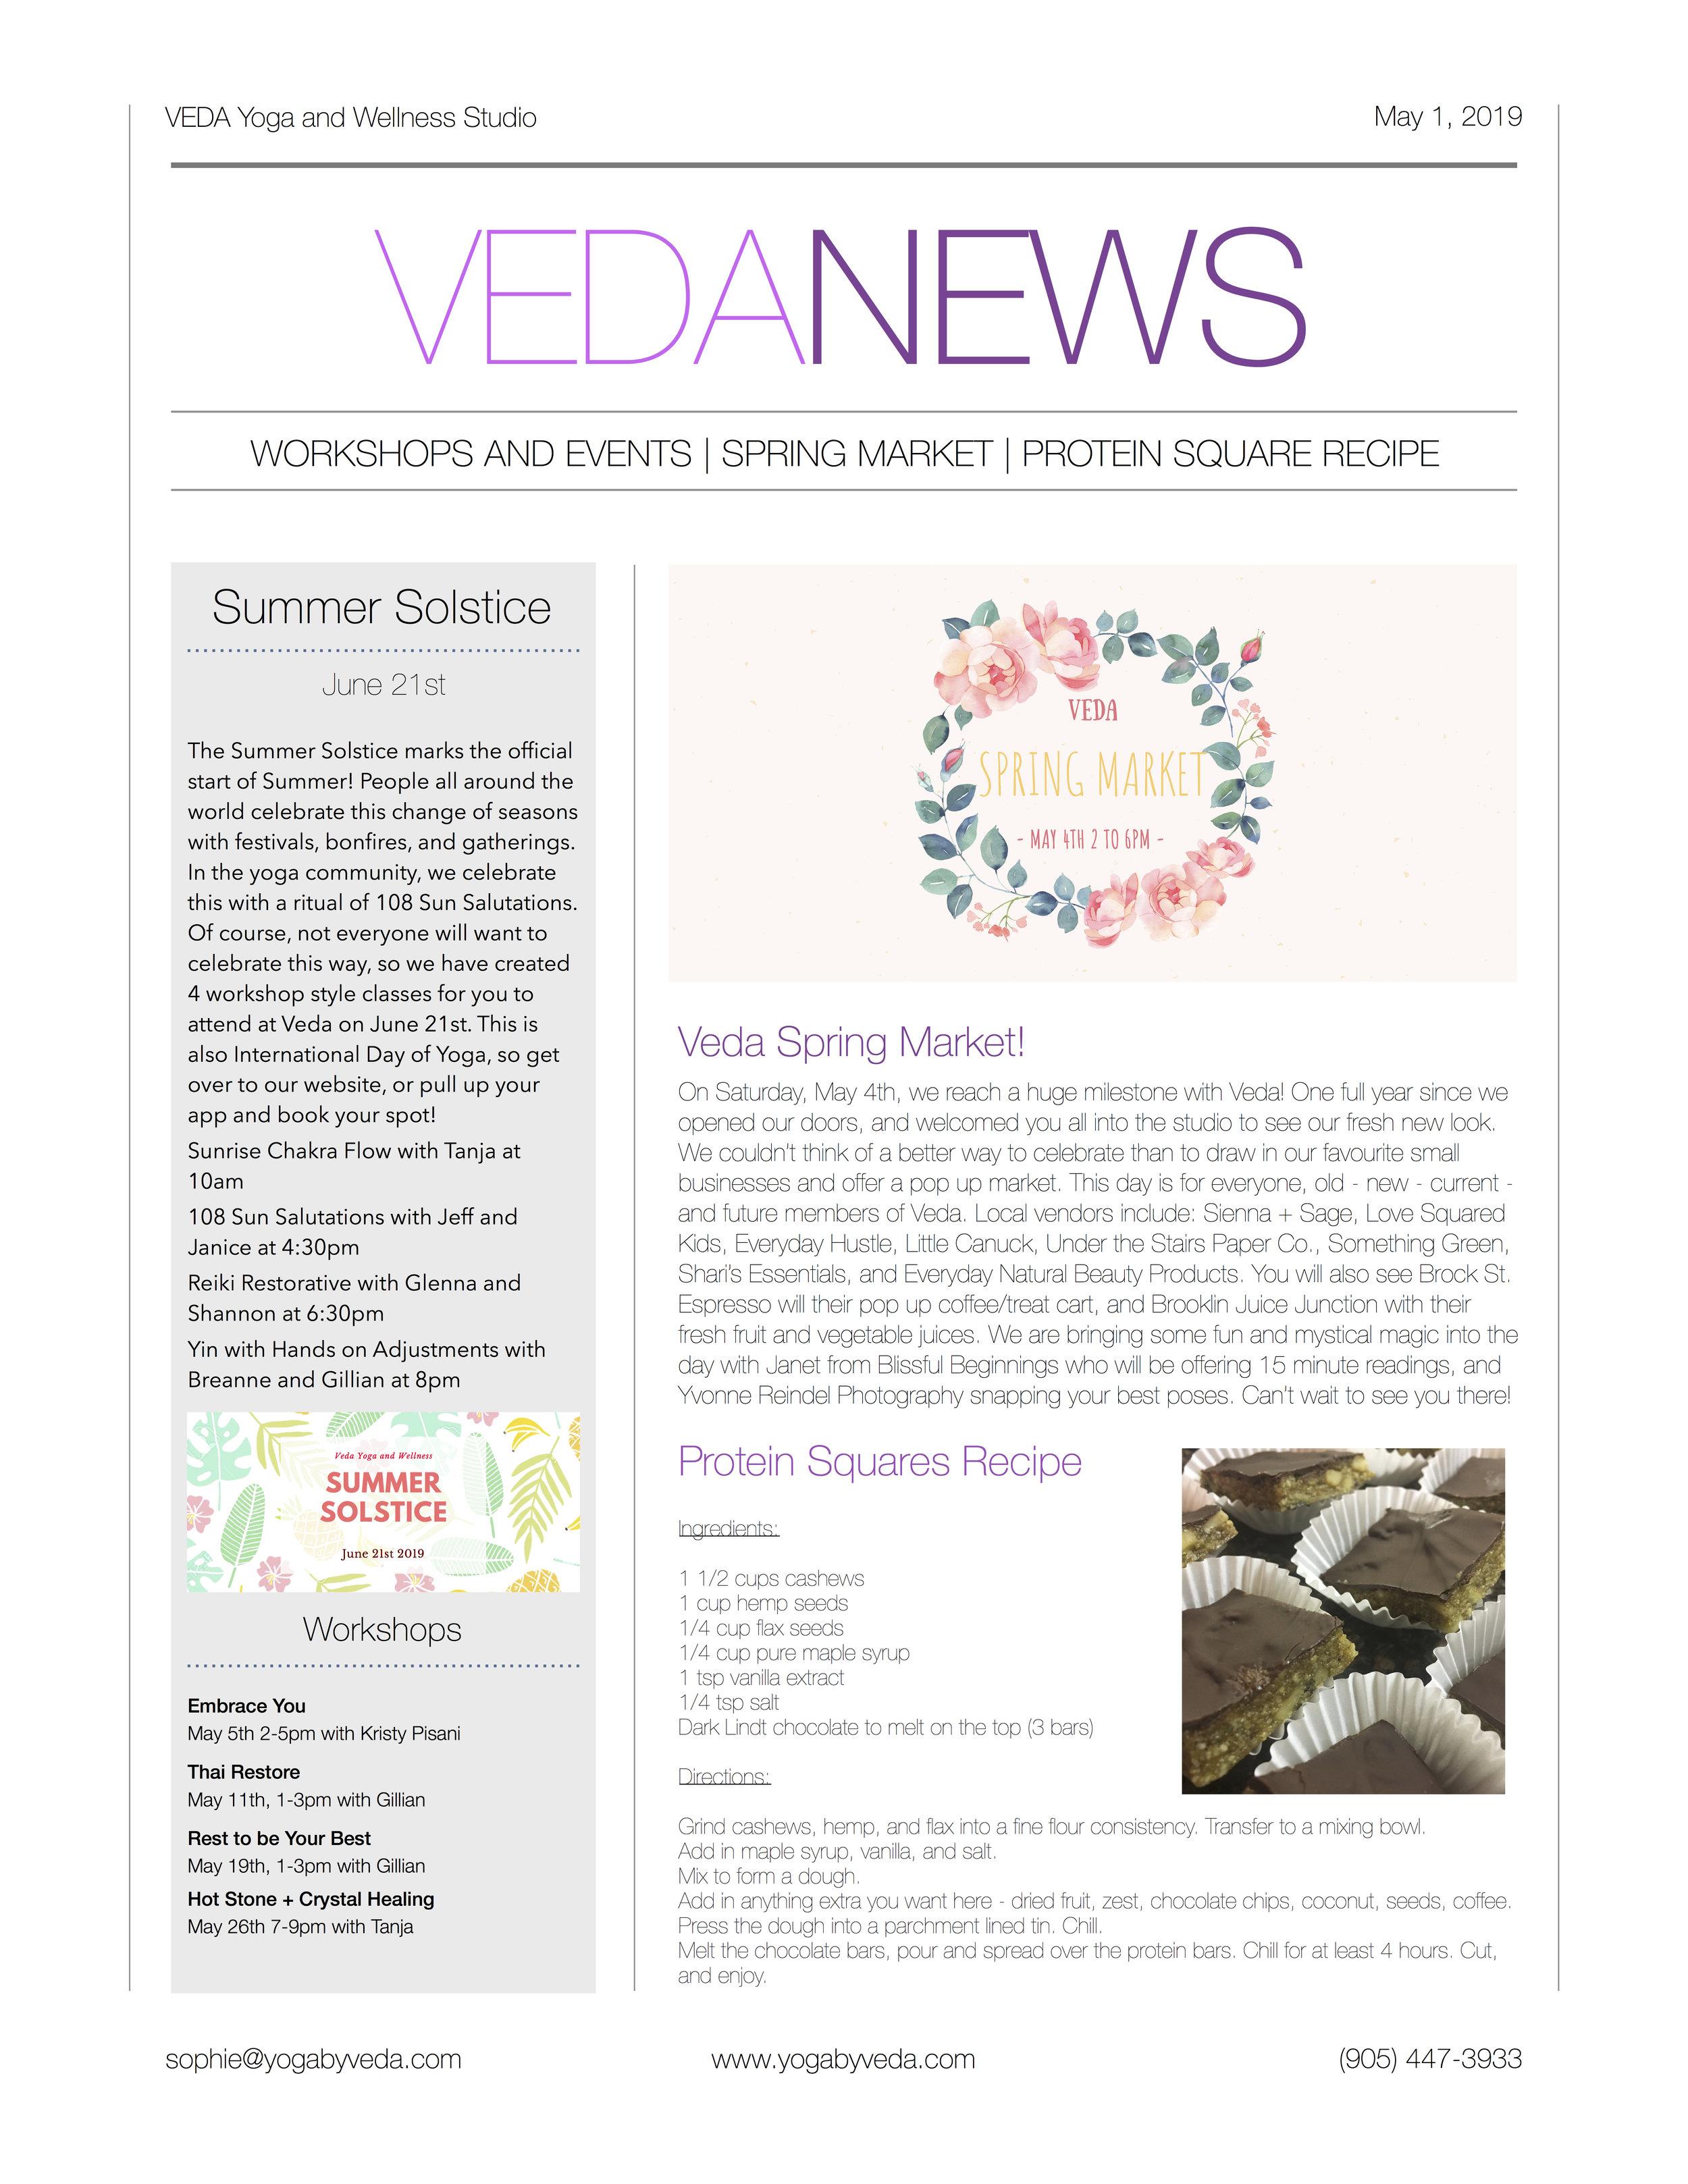 VedaNewsMay.jpg